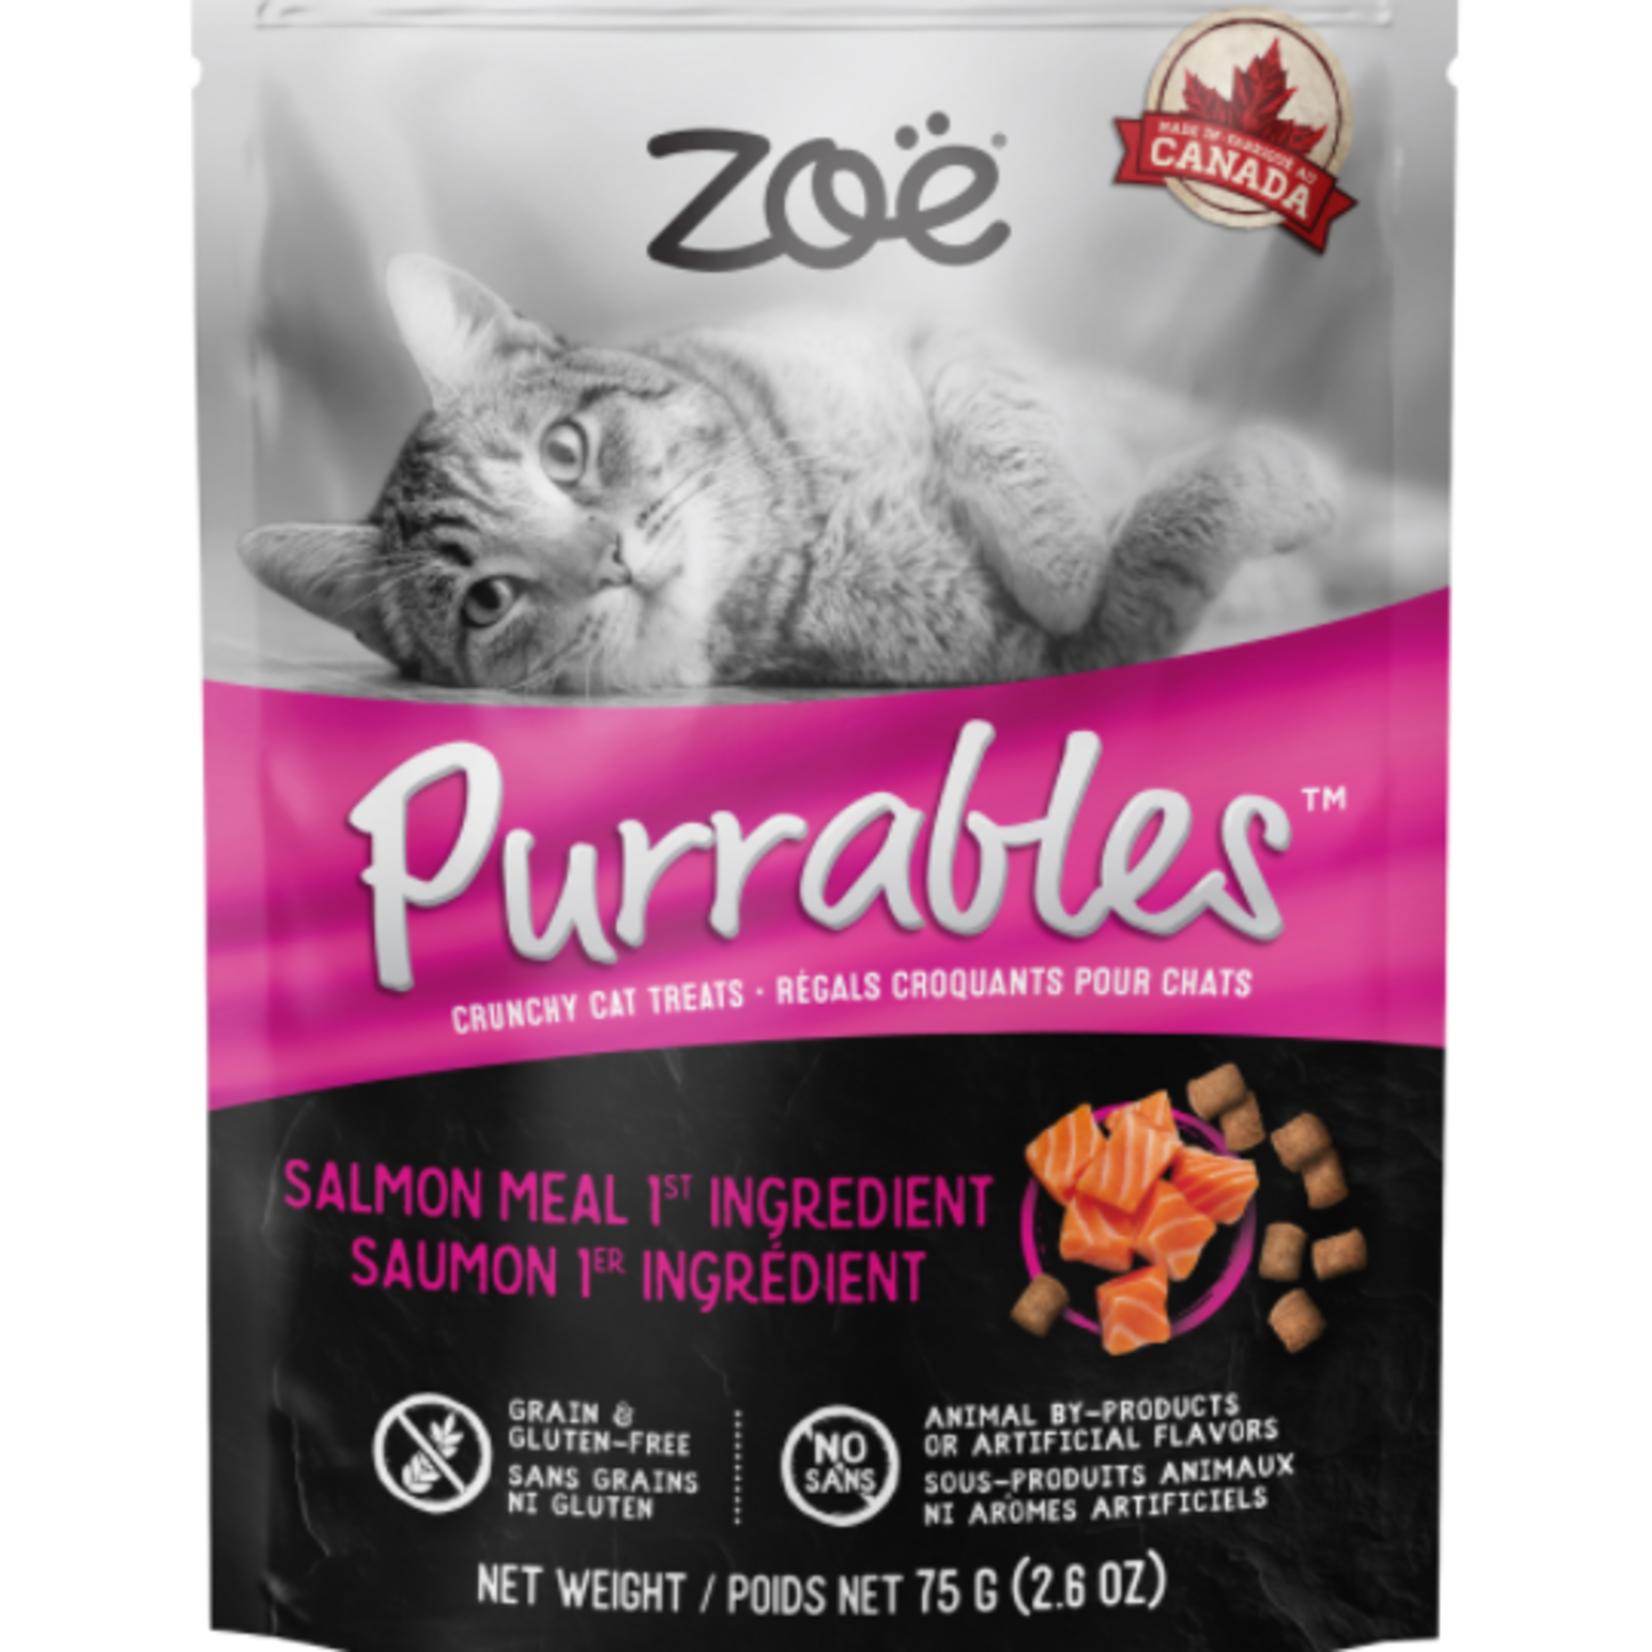 Purrables Cat Treats - Salmon - 75 g (2.6 oz)